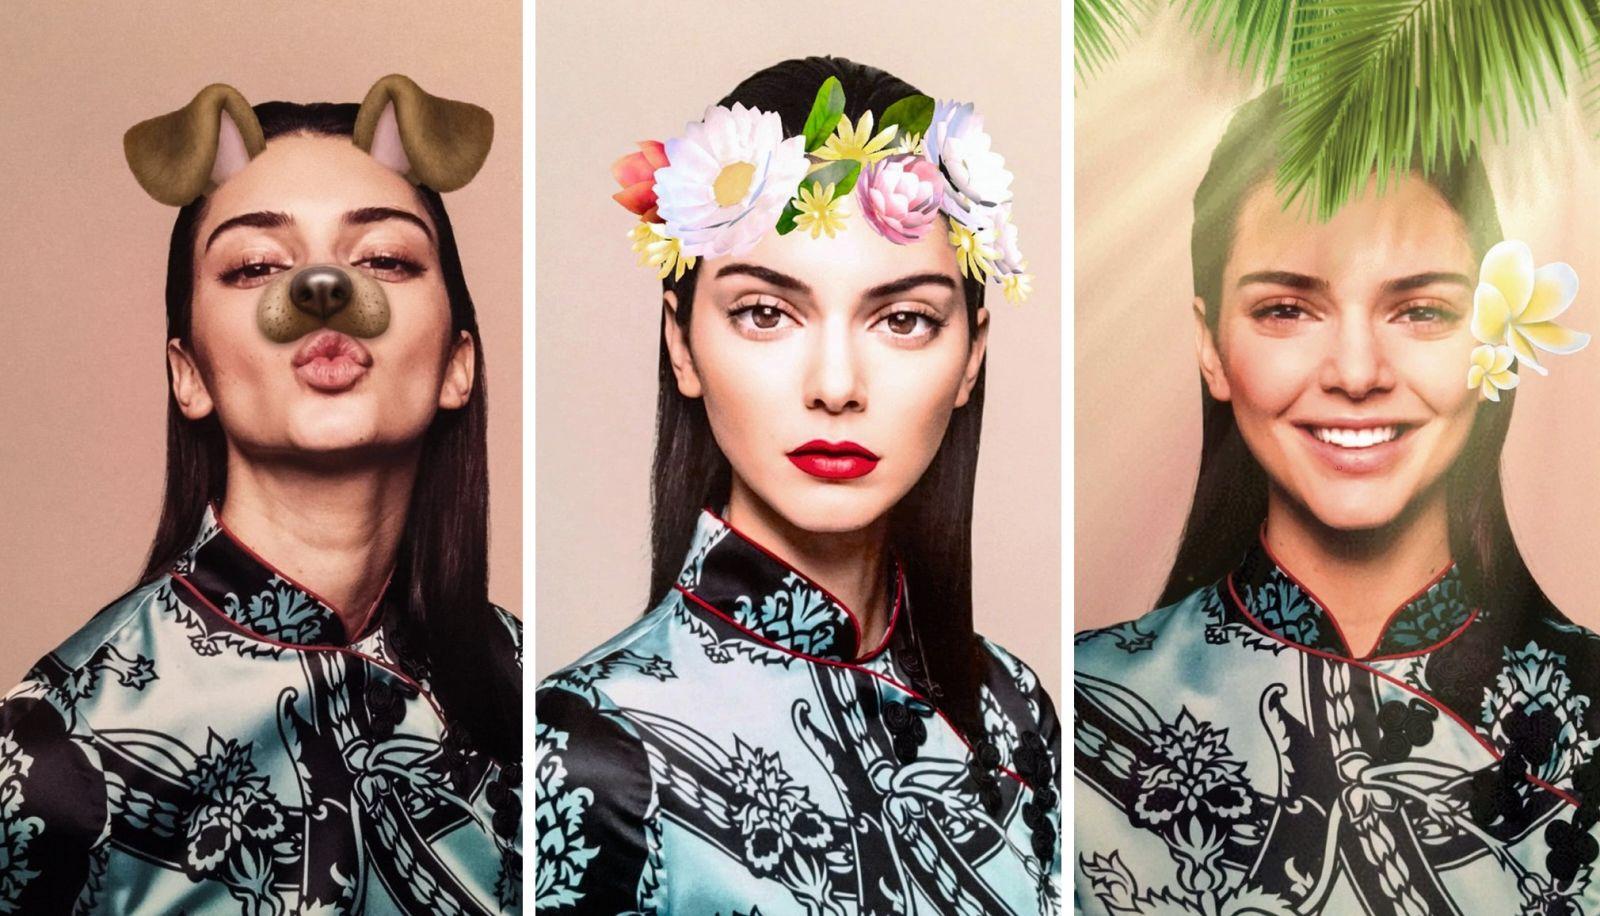 Кендалл Дженнер и дочь Уилла Смита показали забавные селфи на страницах модного журнала (ФОТО)